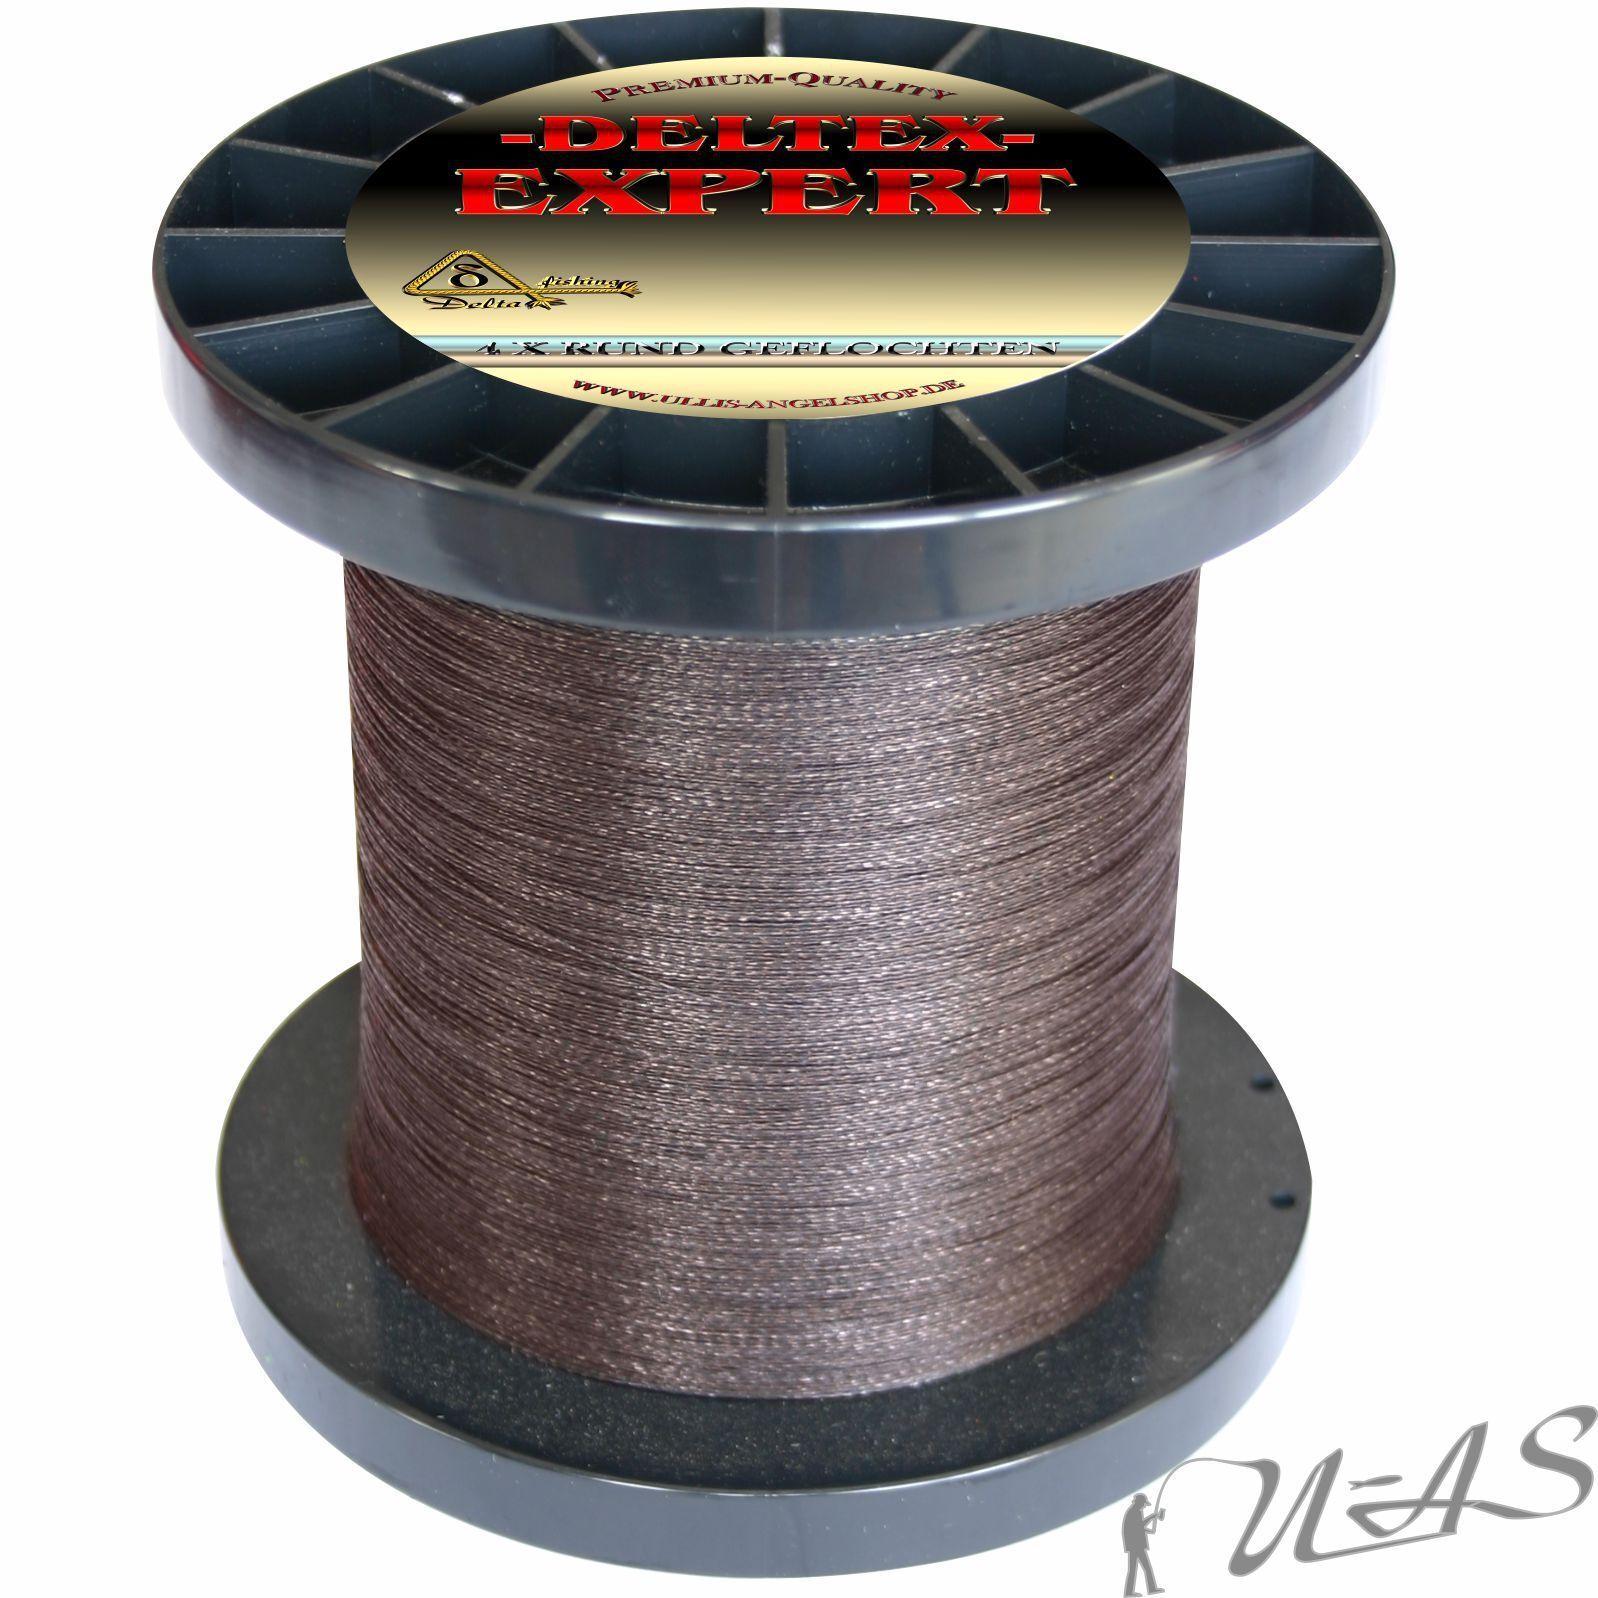 Deltex Expert circa intrecciato Dyneema lenza 0,14mm 1000m Marrone KVA KVA KVA 998591